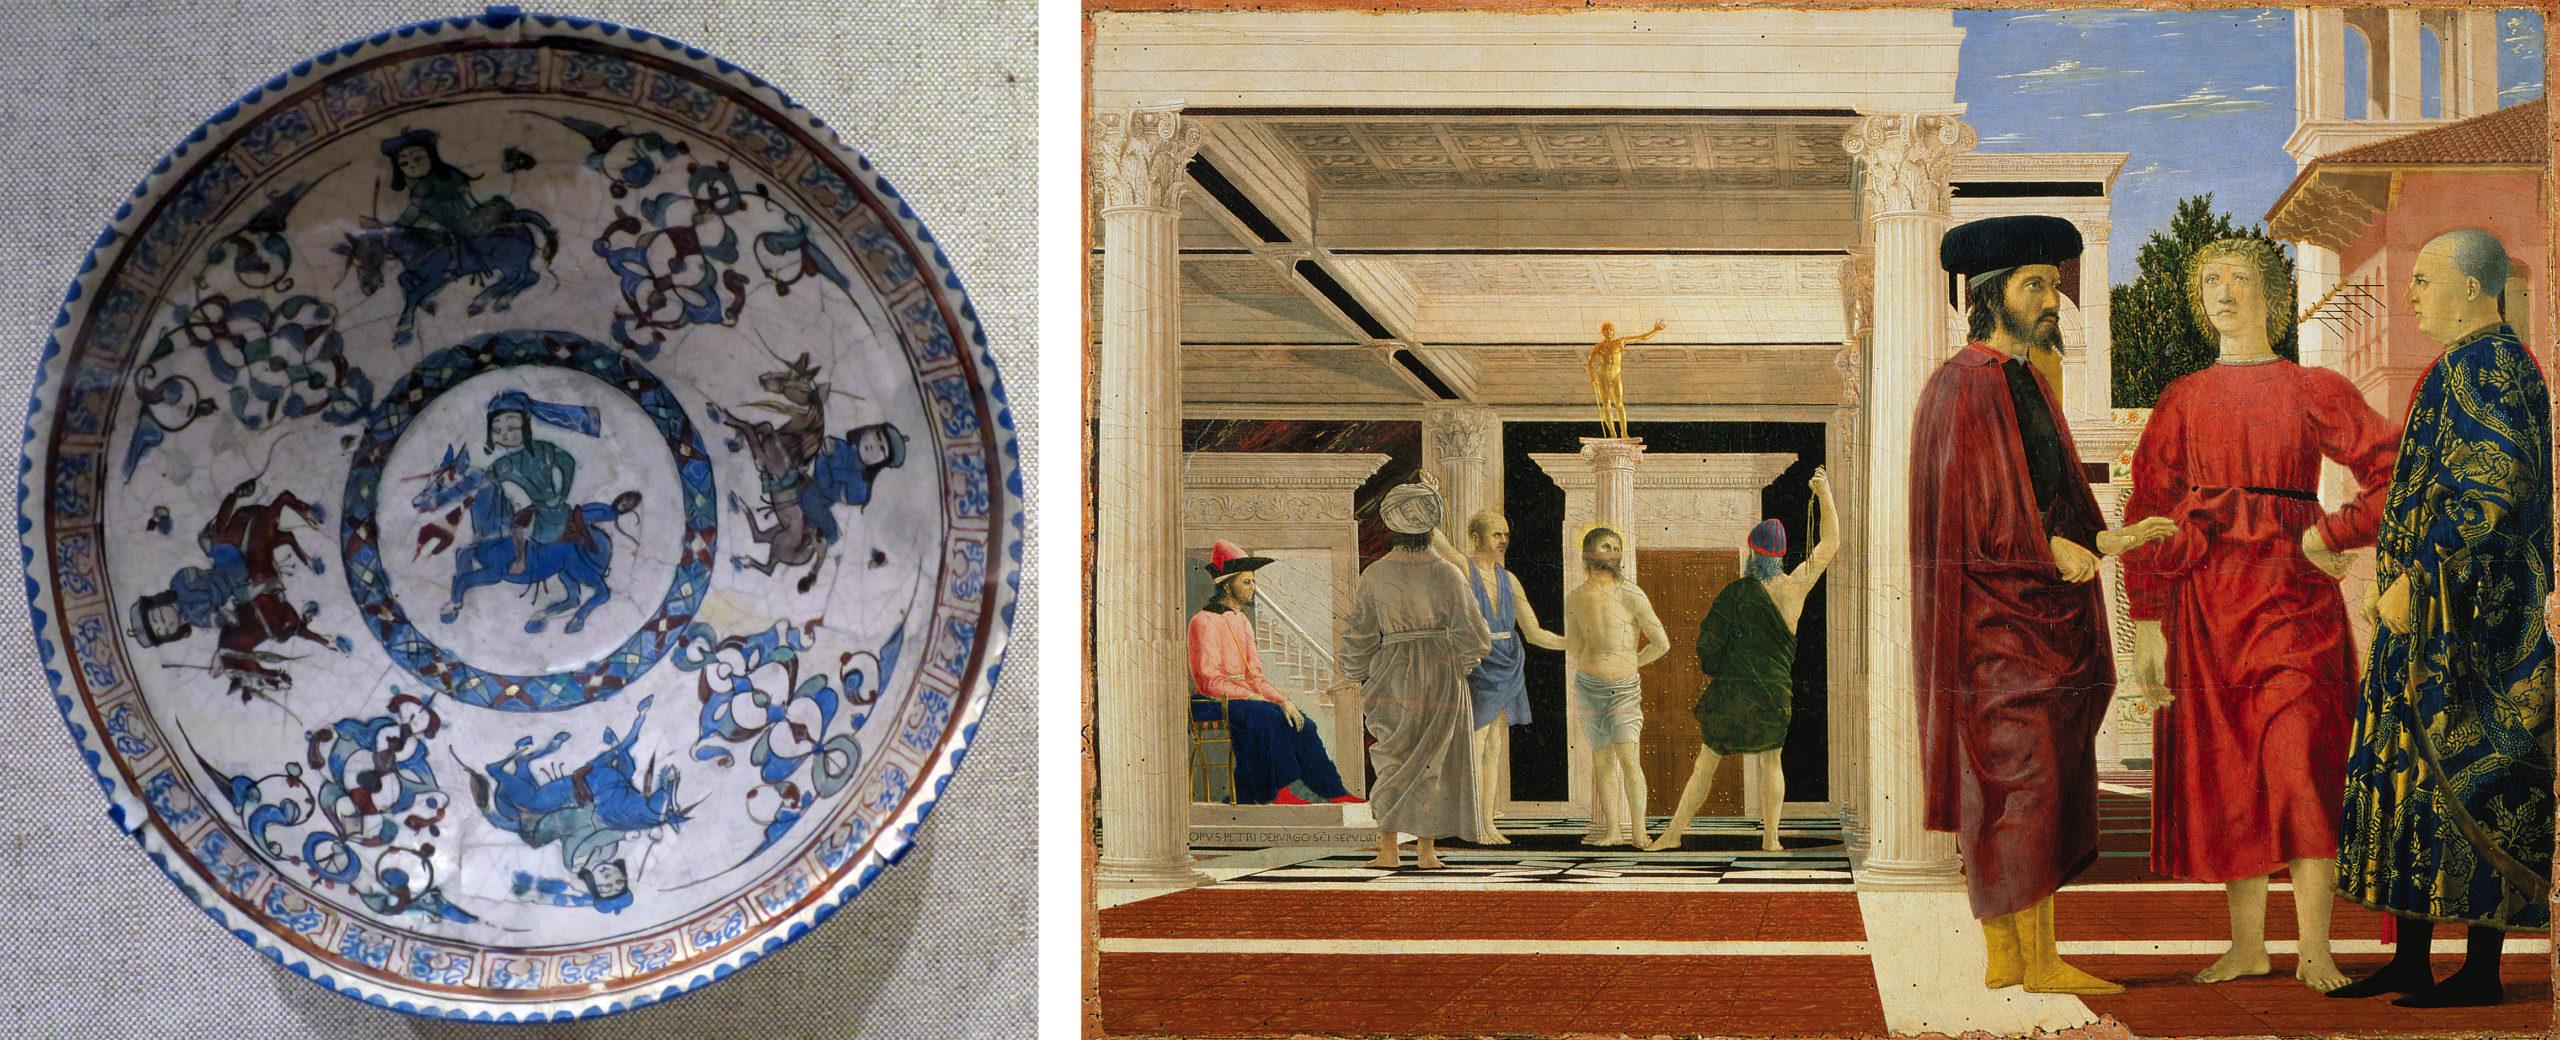 Left: Bowl with horsemen, late 12th - early 13th century, central Iran, Seljuk period (Cincinnati Art Museum, photo: Wmpearl, CC0); Right: Piero della Francesca, Flagellation of Christ, 1468-70, oil and tempera on panel, 58.4 x 81.5 cm (Galleria Nazionale delle Marche, Urbino)